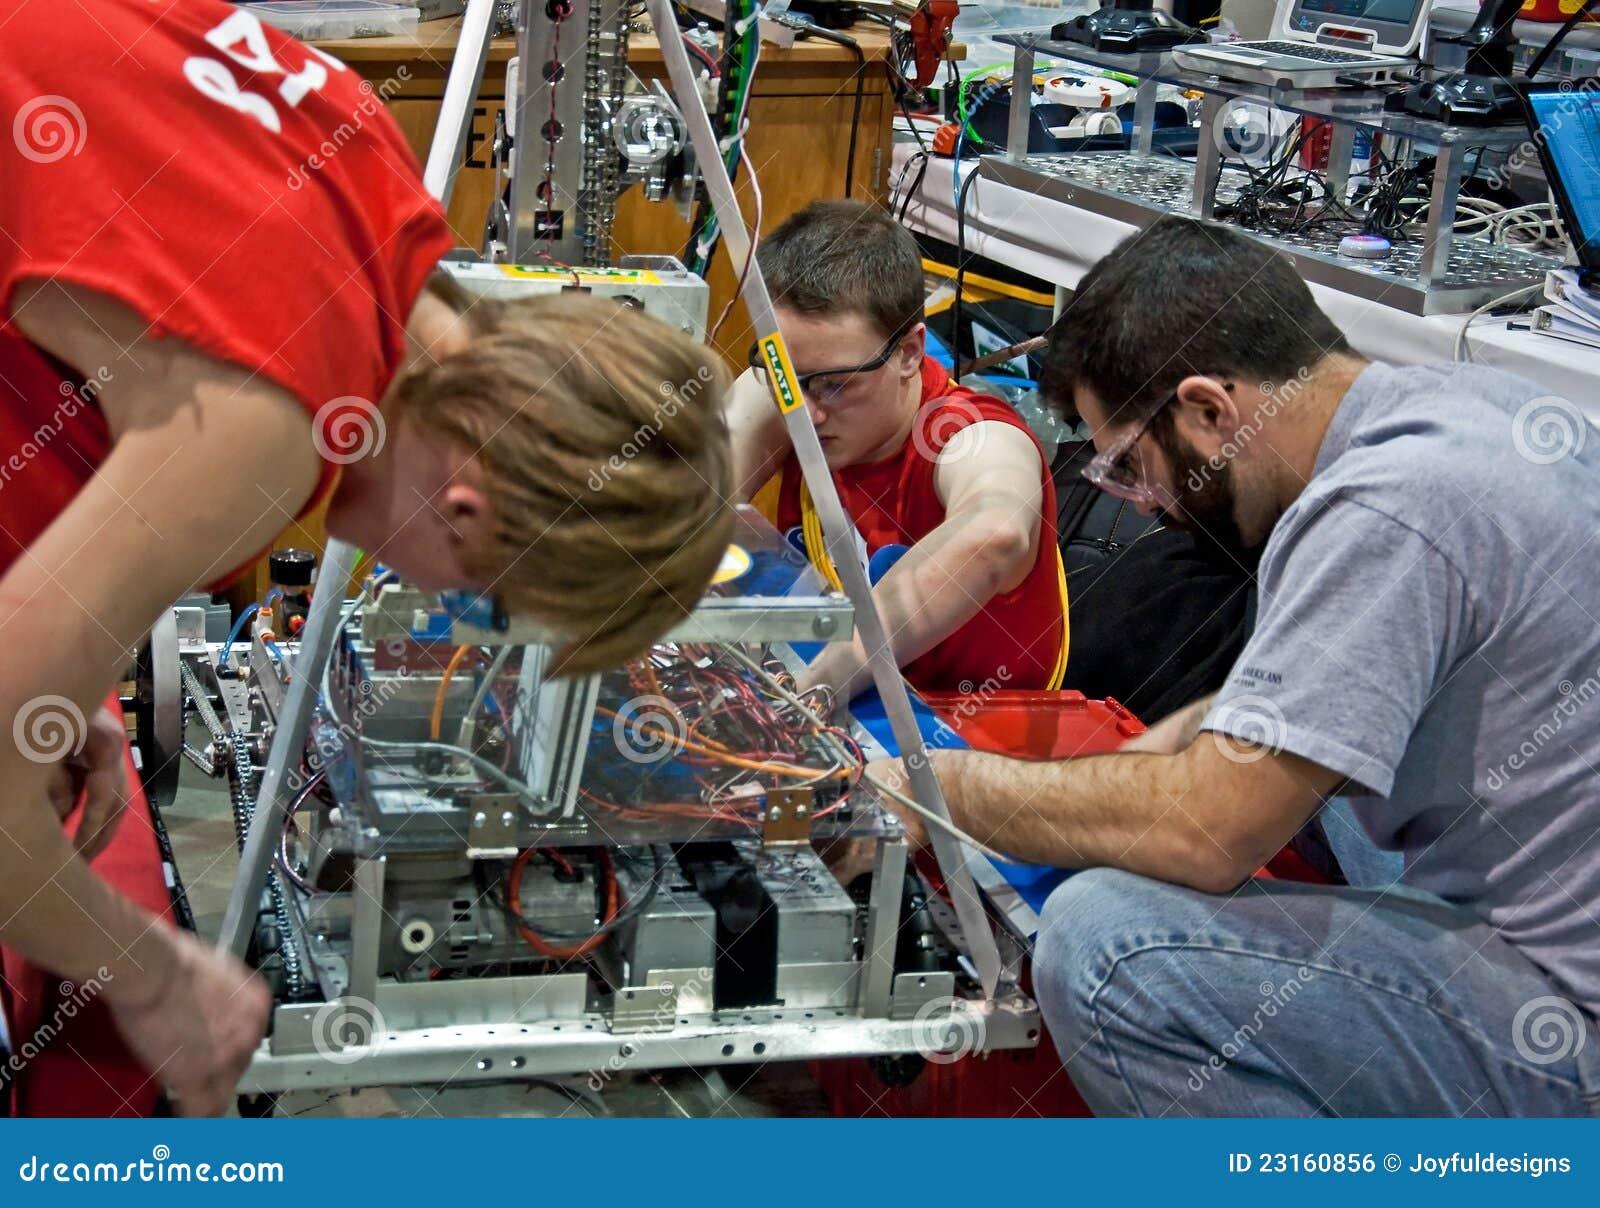 έφηβος τεχνολογίας επιστήμης ανταγωνισμού πρώτος